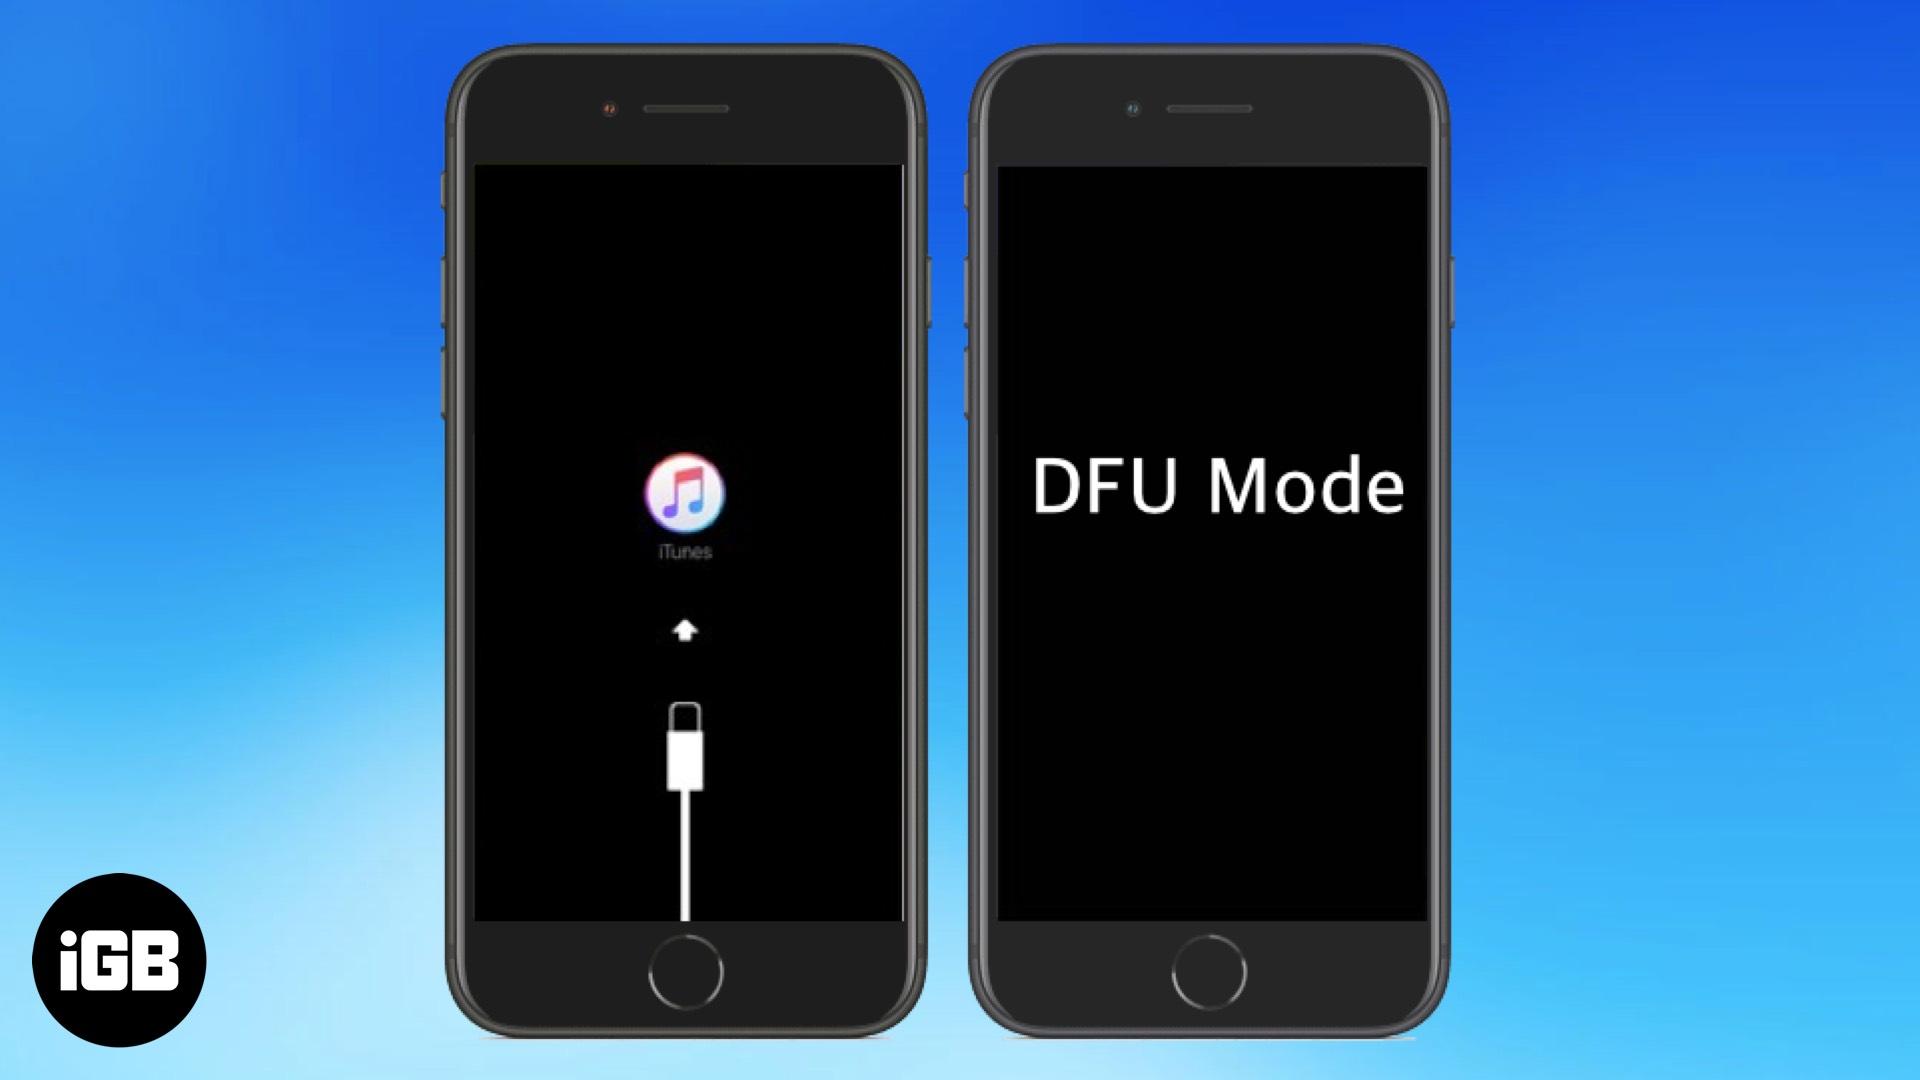 Thêm iPhone hoặc iPad vào Chế độ DFU 3